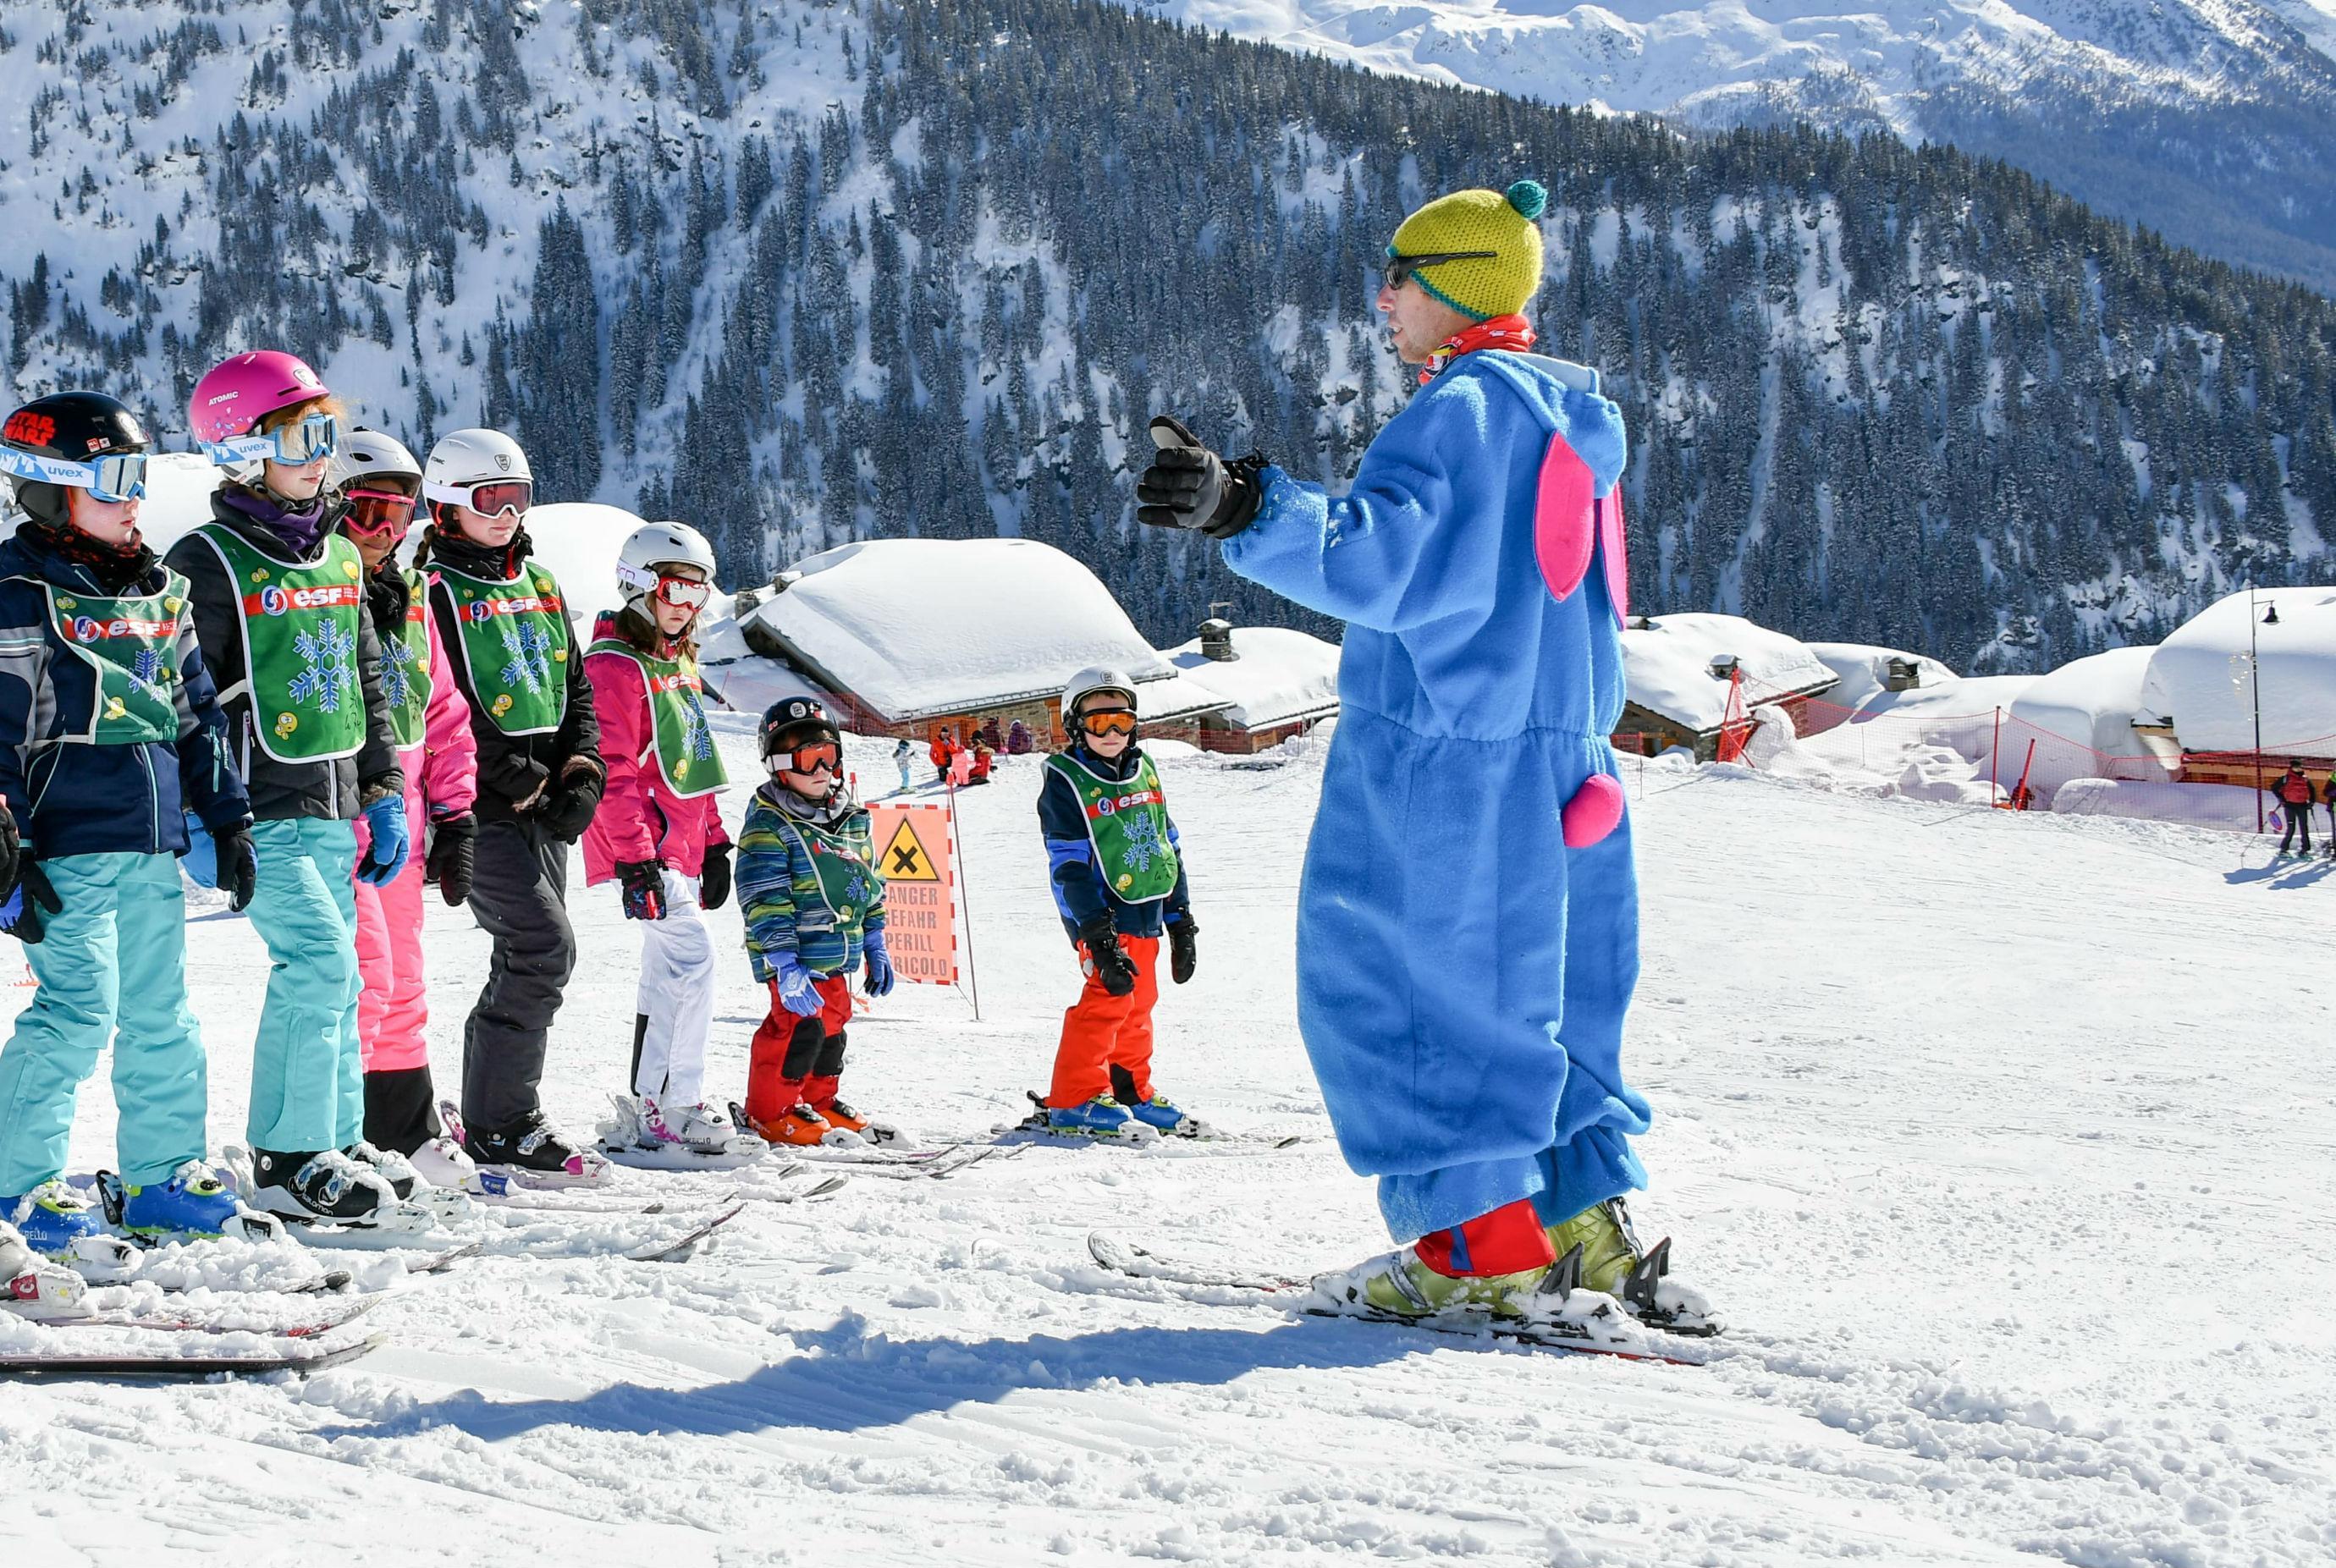 Cours de ski pour Enfants (5-13 ans) - Avec garderie